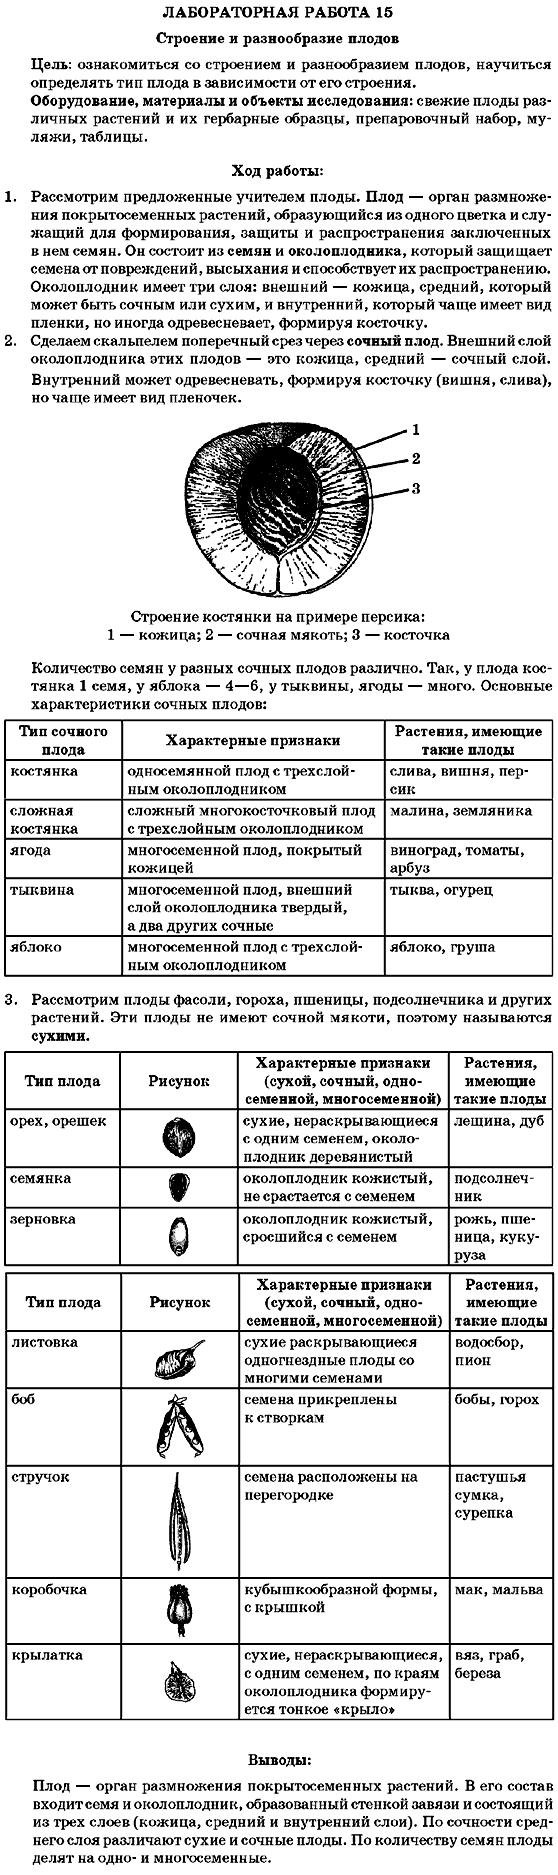 С А Поперенко Решебник Лабораторных Работ По Биологии 11 Класс